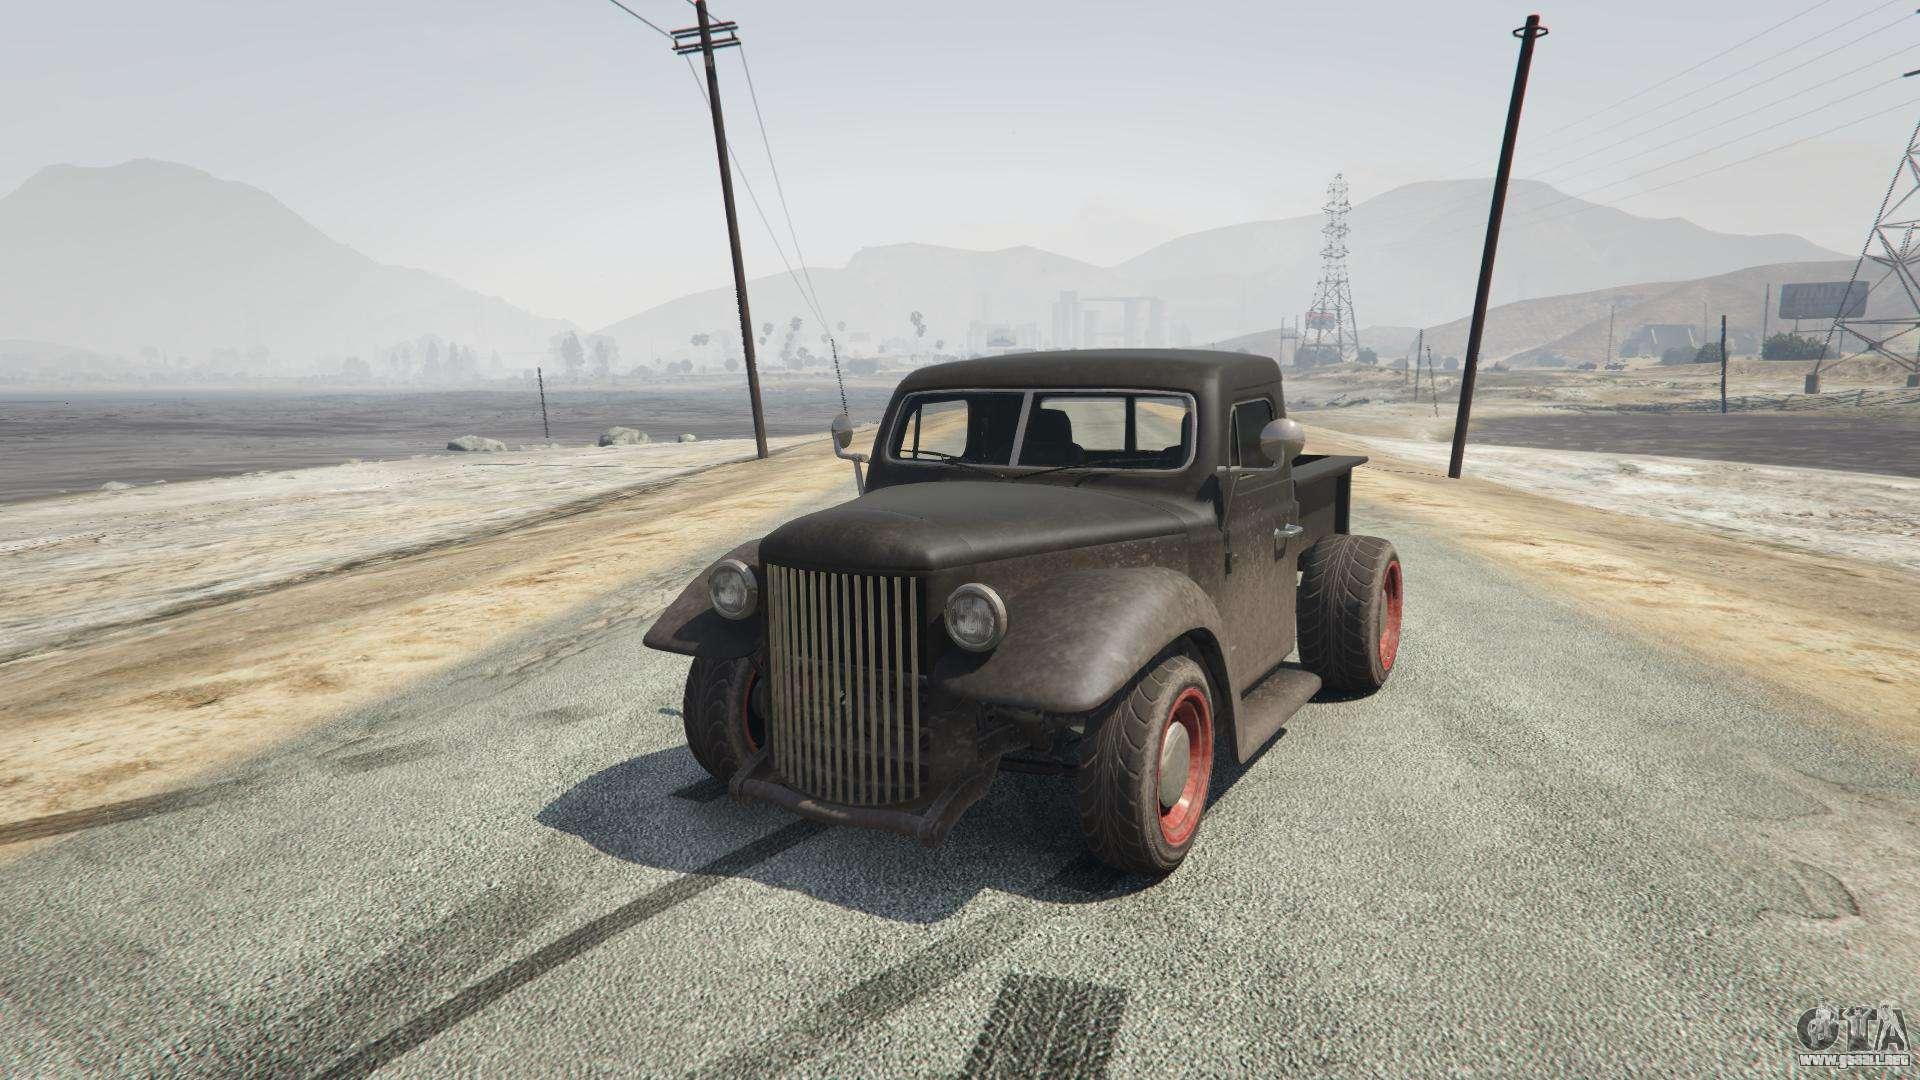 Rat-Truck de GTA 5 - vista frontal